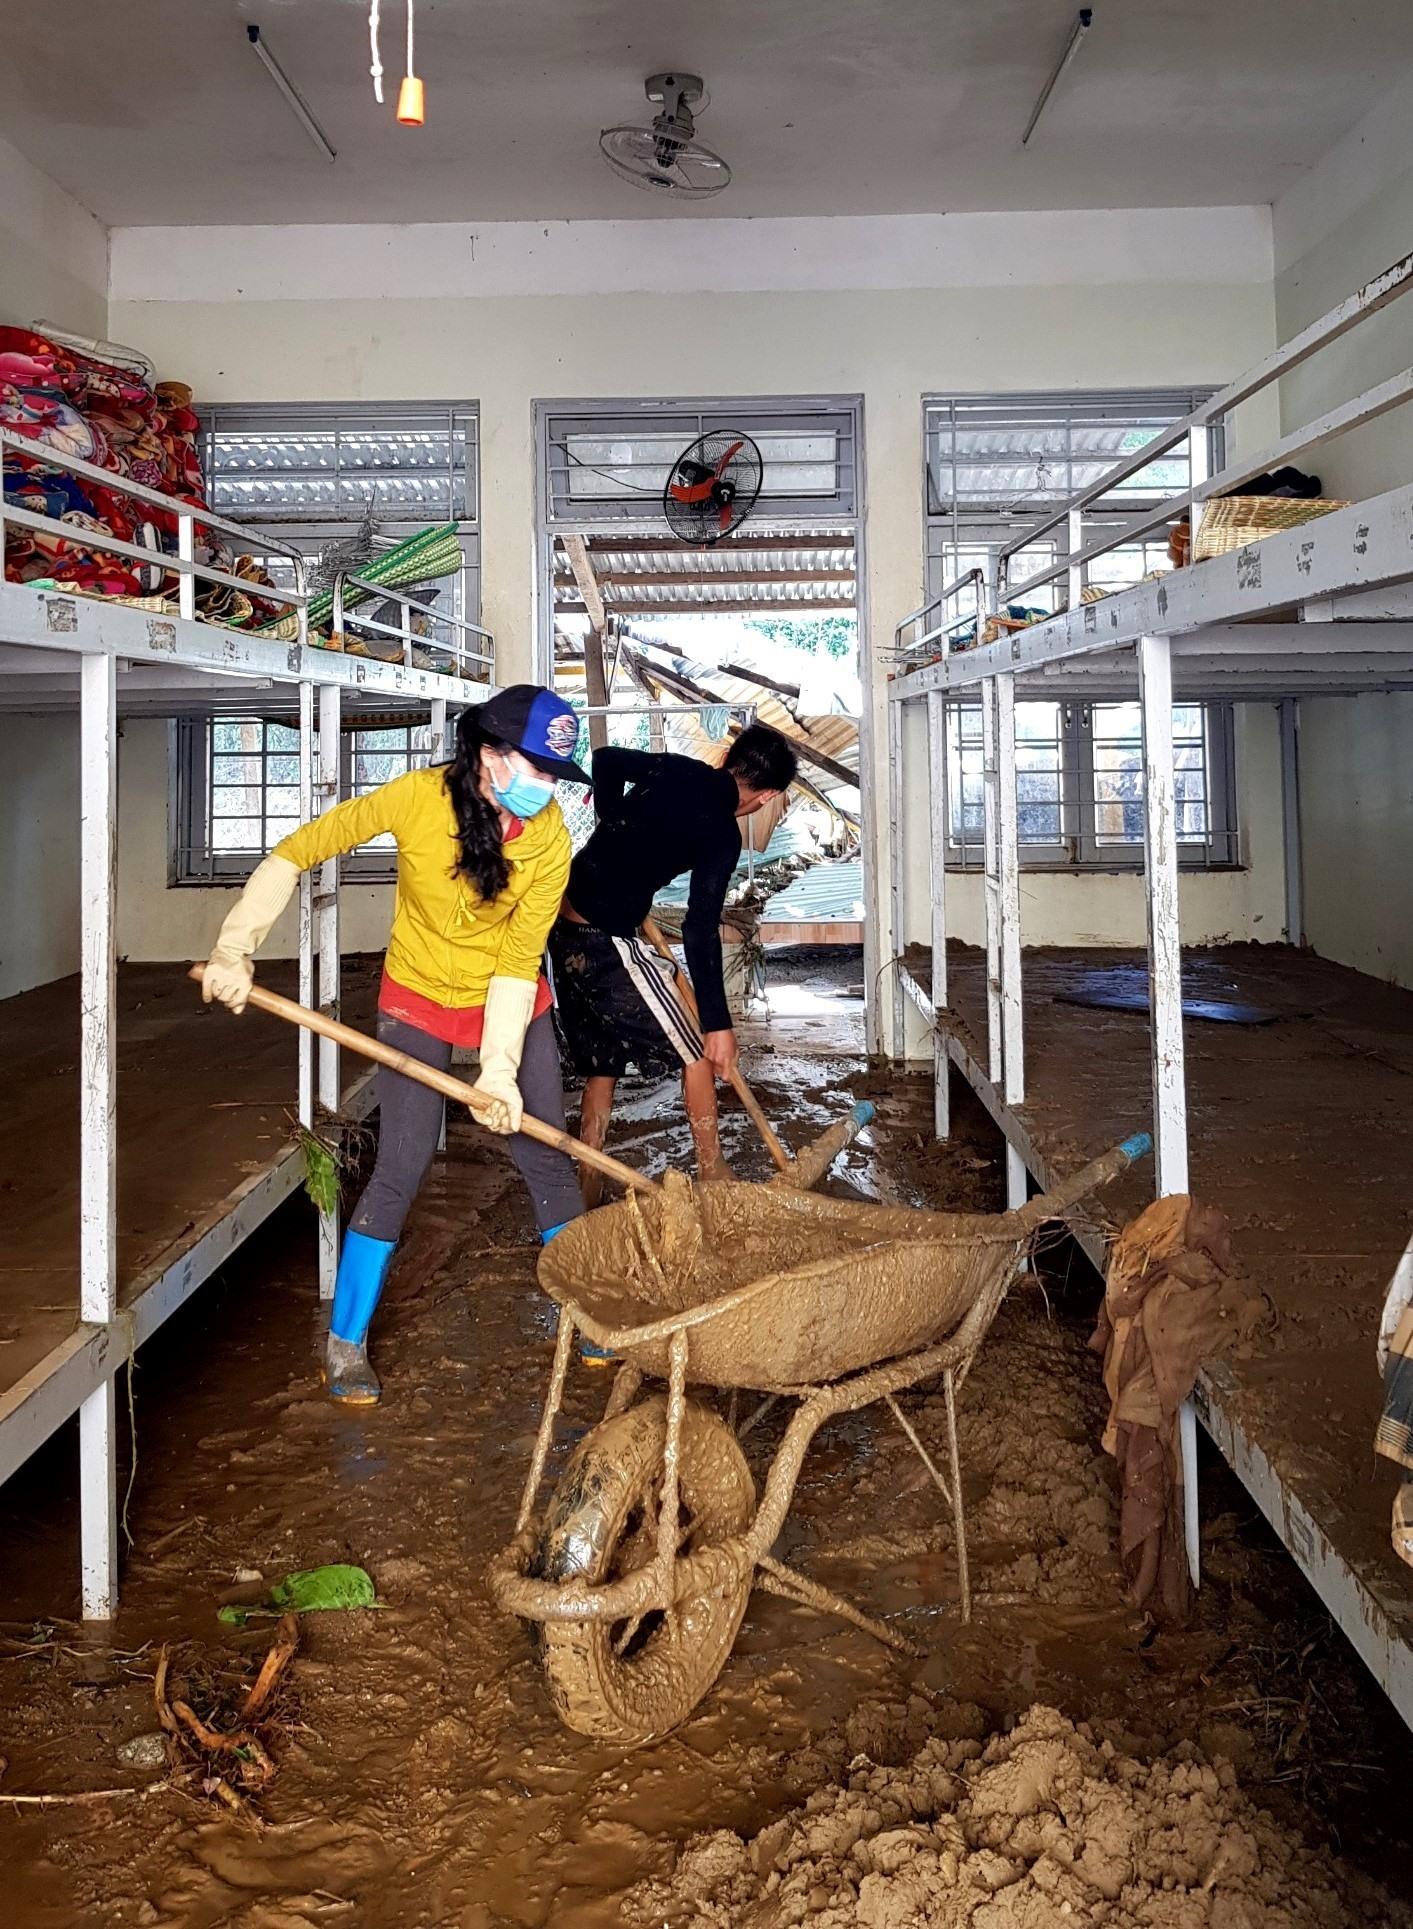 Những lớp bùn đặc quánh bám trong phòng ở nội trú được thầy cô đung xẻng để xúc. Ảnh: PHI YẾN